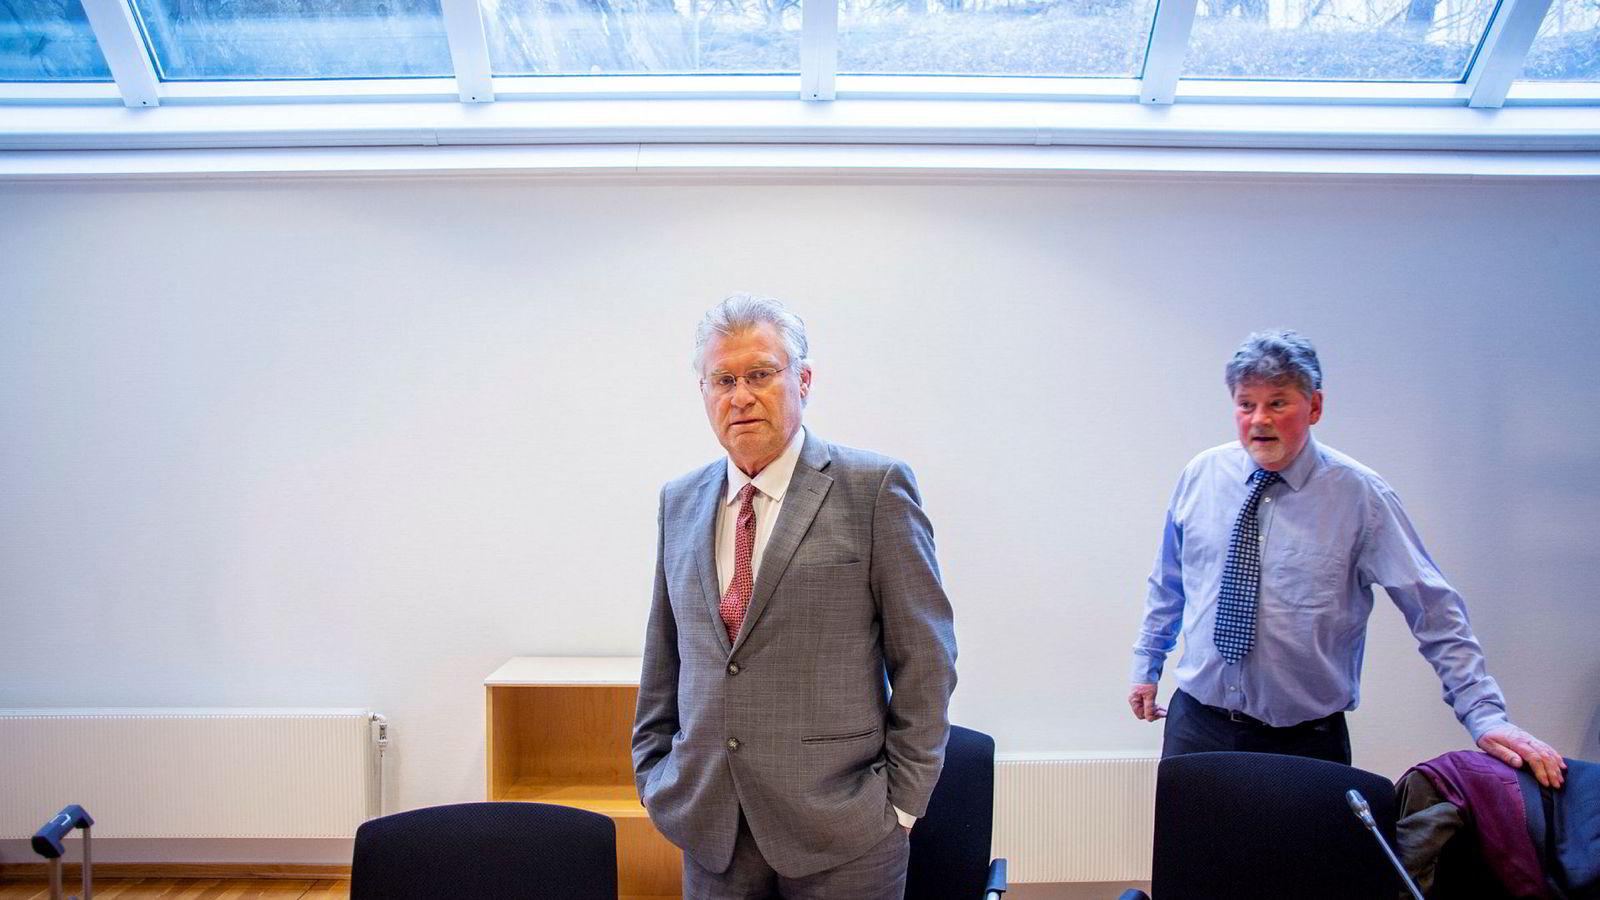 Eiendomsinvestor Leif Botolf Hesle (til venstre) er saksøkt av tidligere arbeidsgivers pensjonskasse. Hesle nekter å betale tilbake den private uførepensjonen. Her med sin advokat, Eigil Erbe, i Asker og Bærum tingrett.